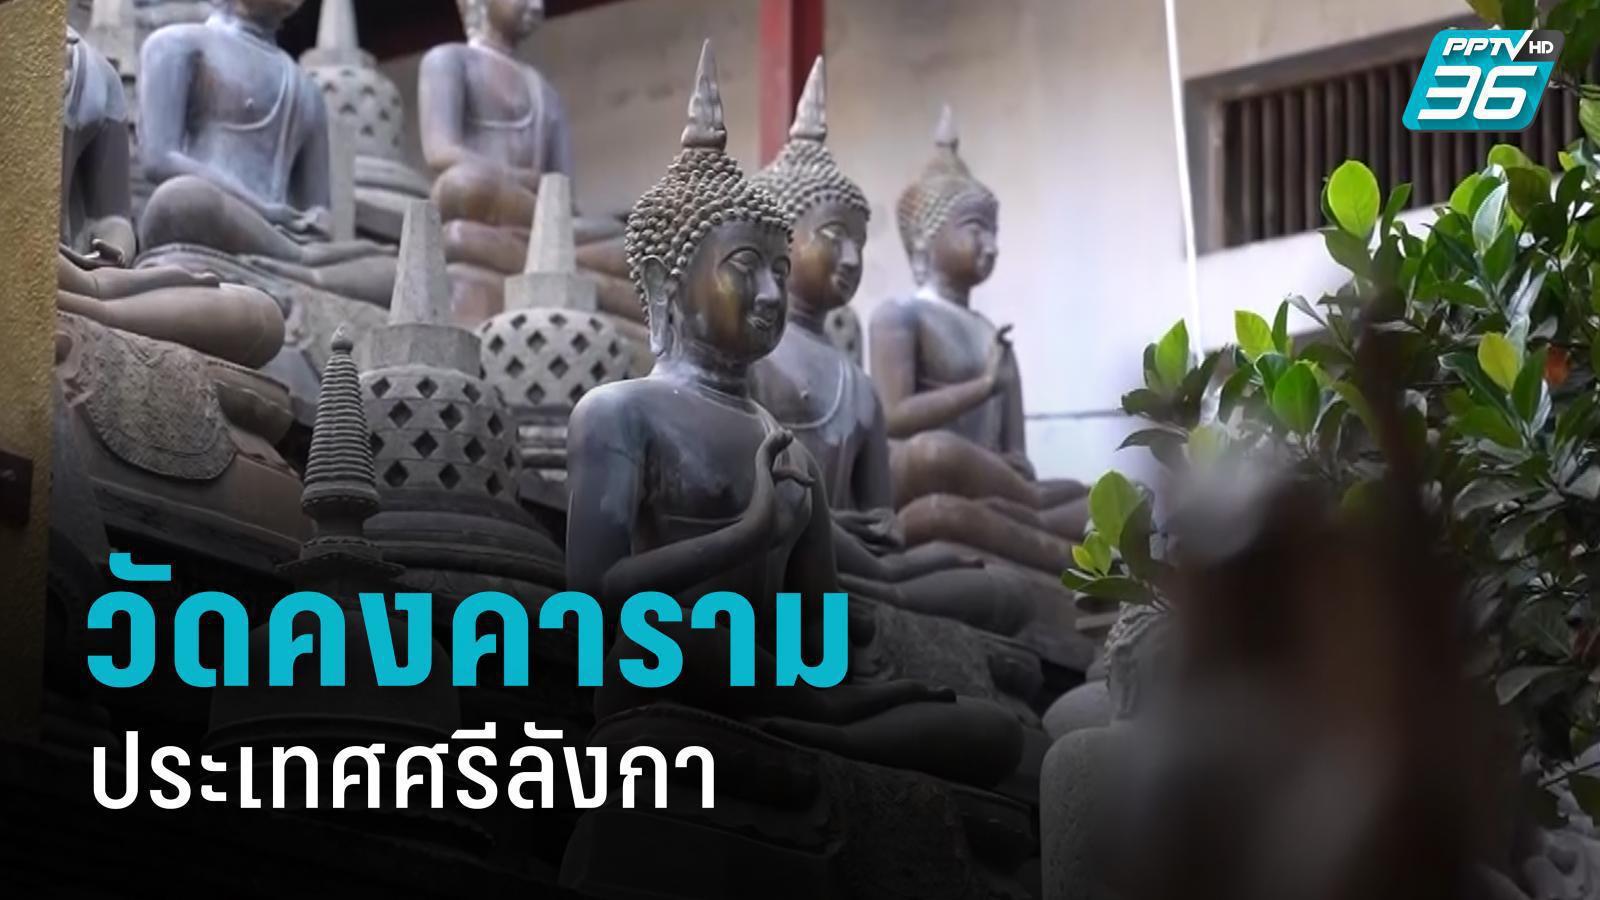 วัดคงคาราม ที่ประดิษฐานของพระแก้วมรกตจำลองจากประเทศไทย